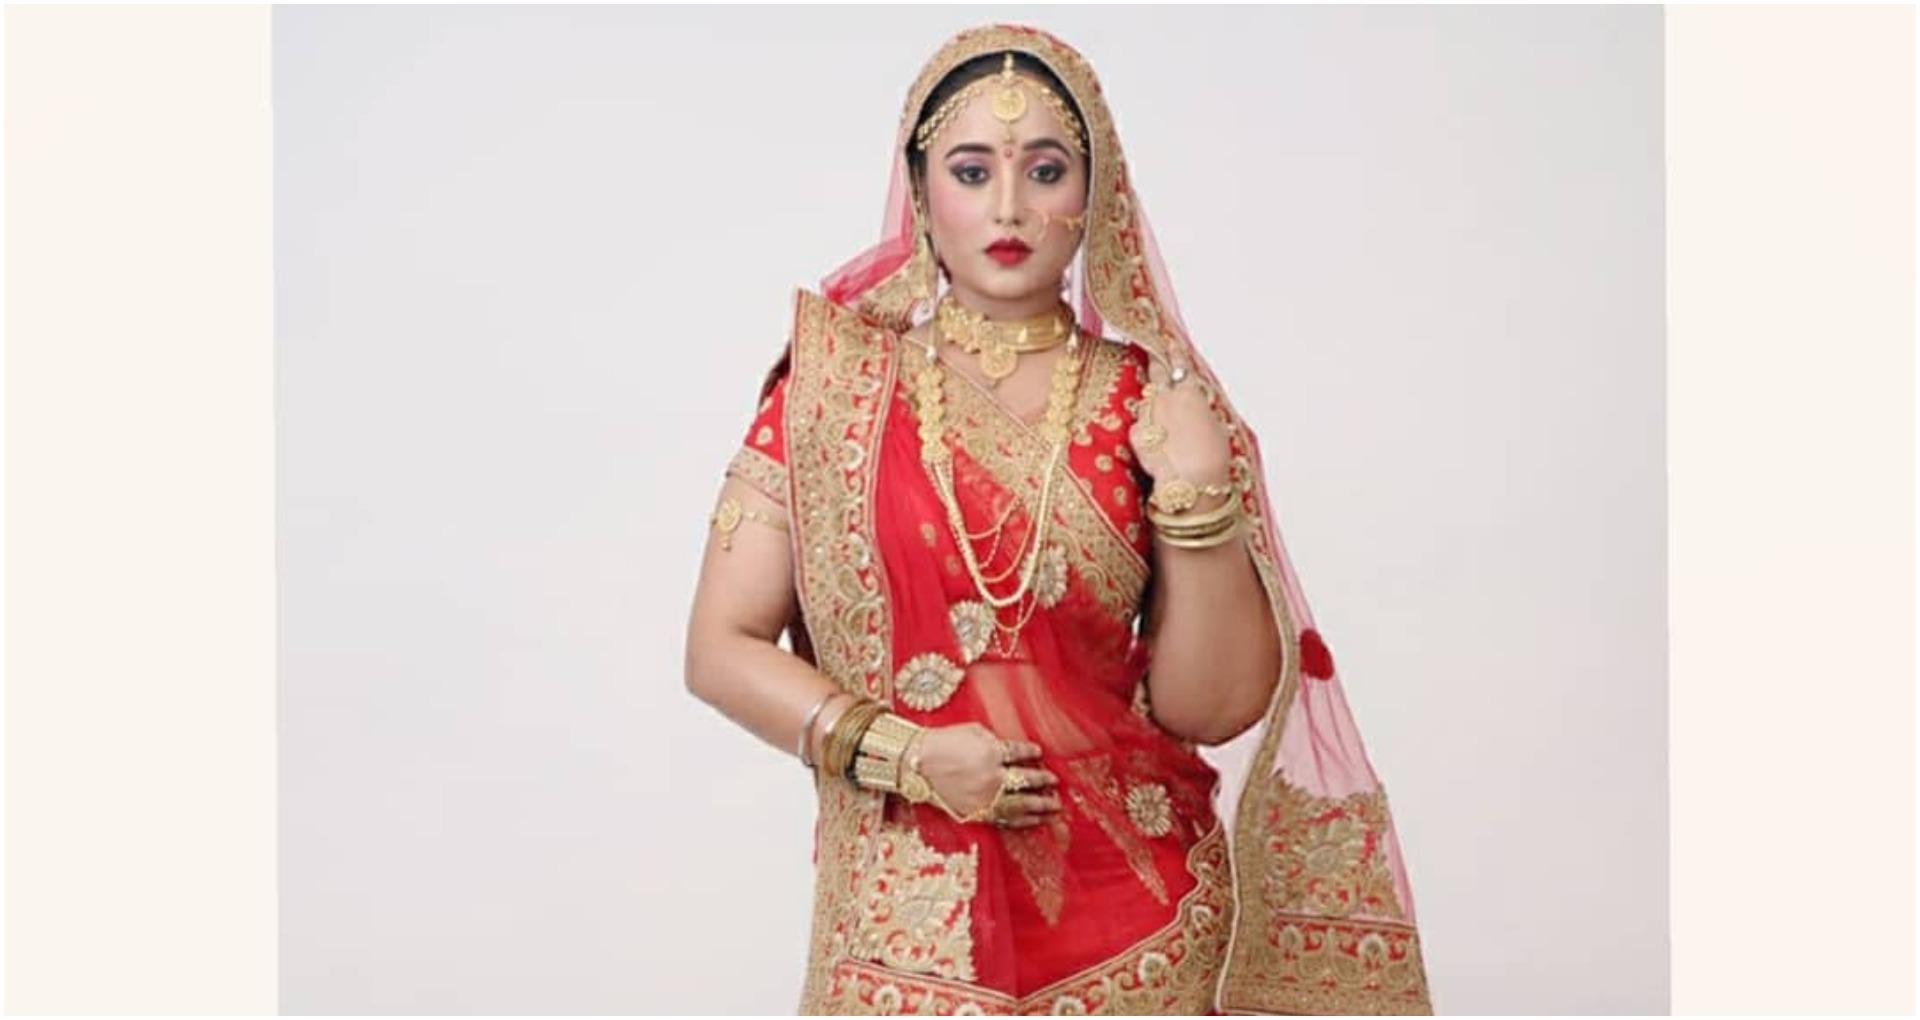 भोजपुरी क्वीन रानी चटर्जी ने बच्ची के साथ वाली तस्वीर शेयर की तो लोगों ने लिखा- अरे बिना शादी के मां बन गई !